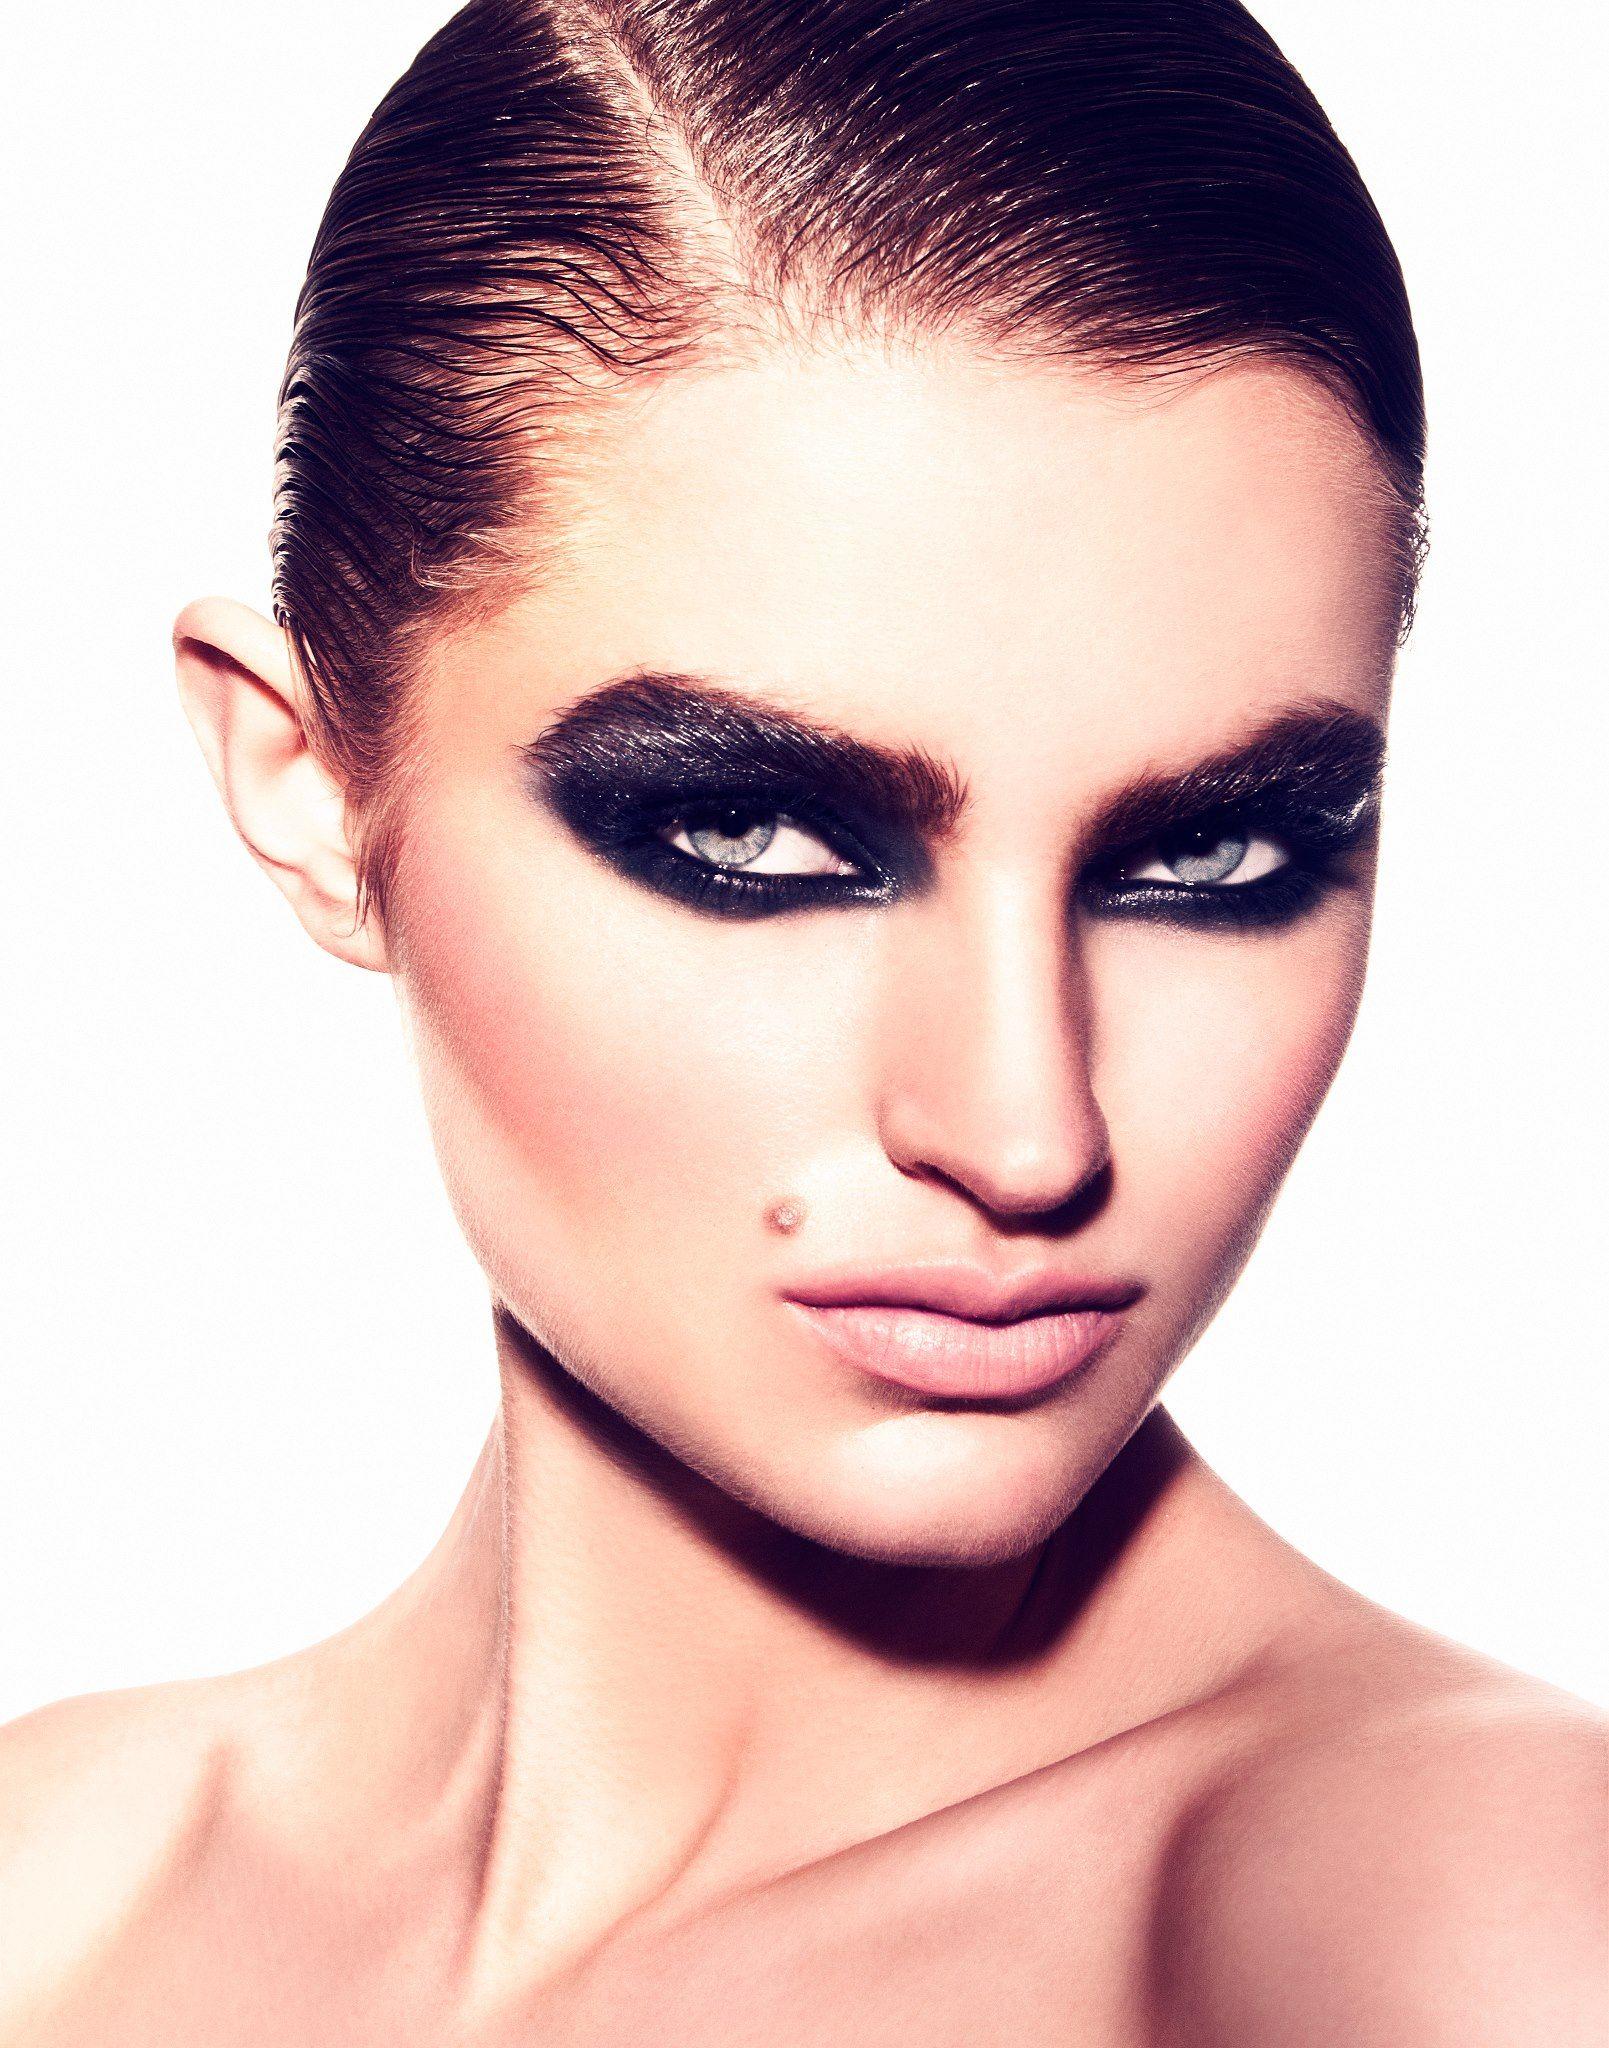 Sheri Vegas Makeup Artist Vegas makeup, Makeup, Top